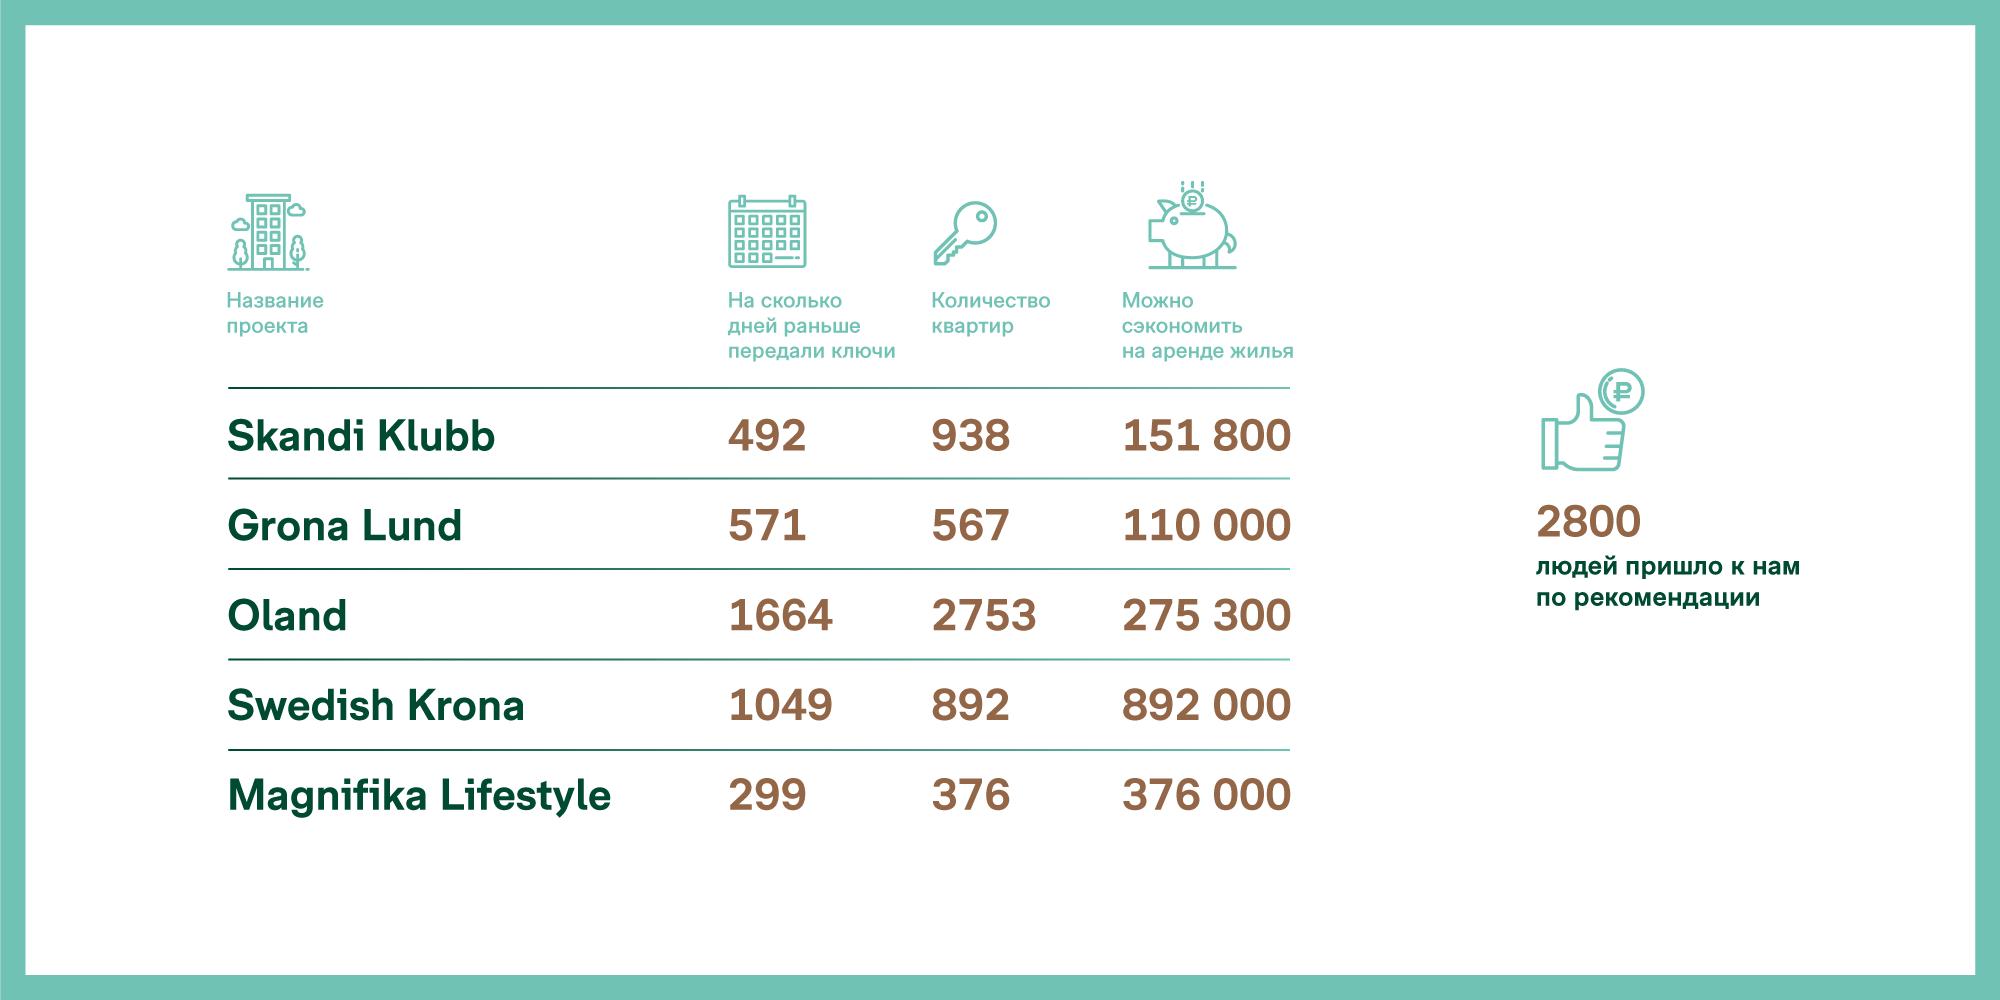 Infographies pour la société de construction Bonava